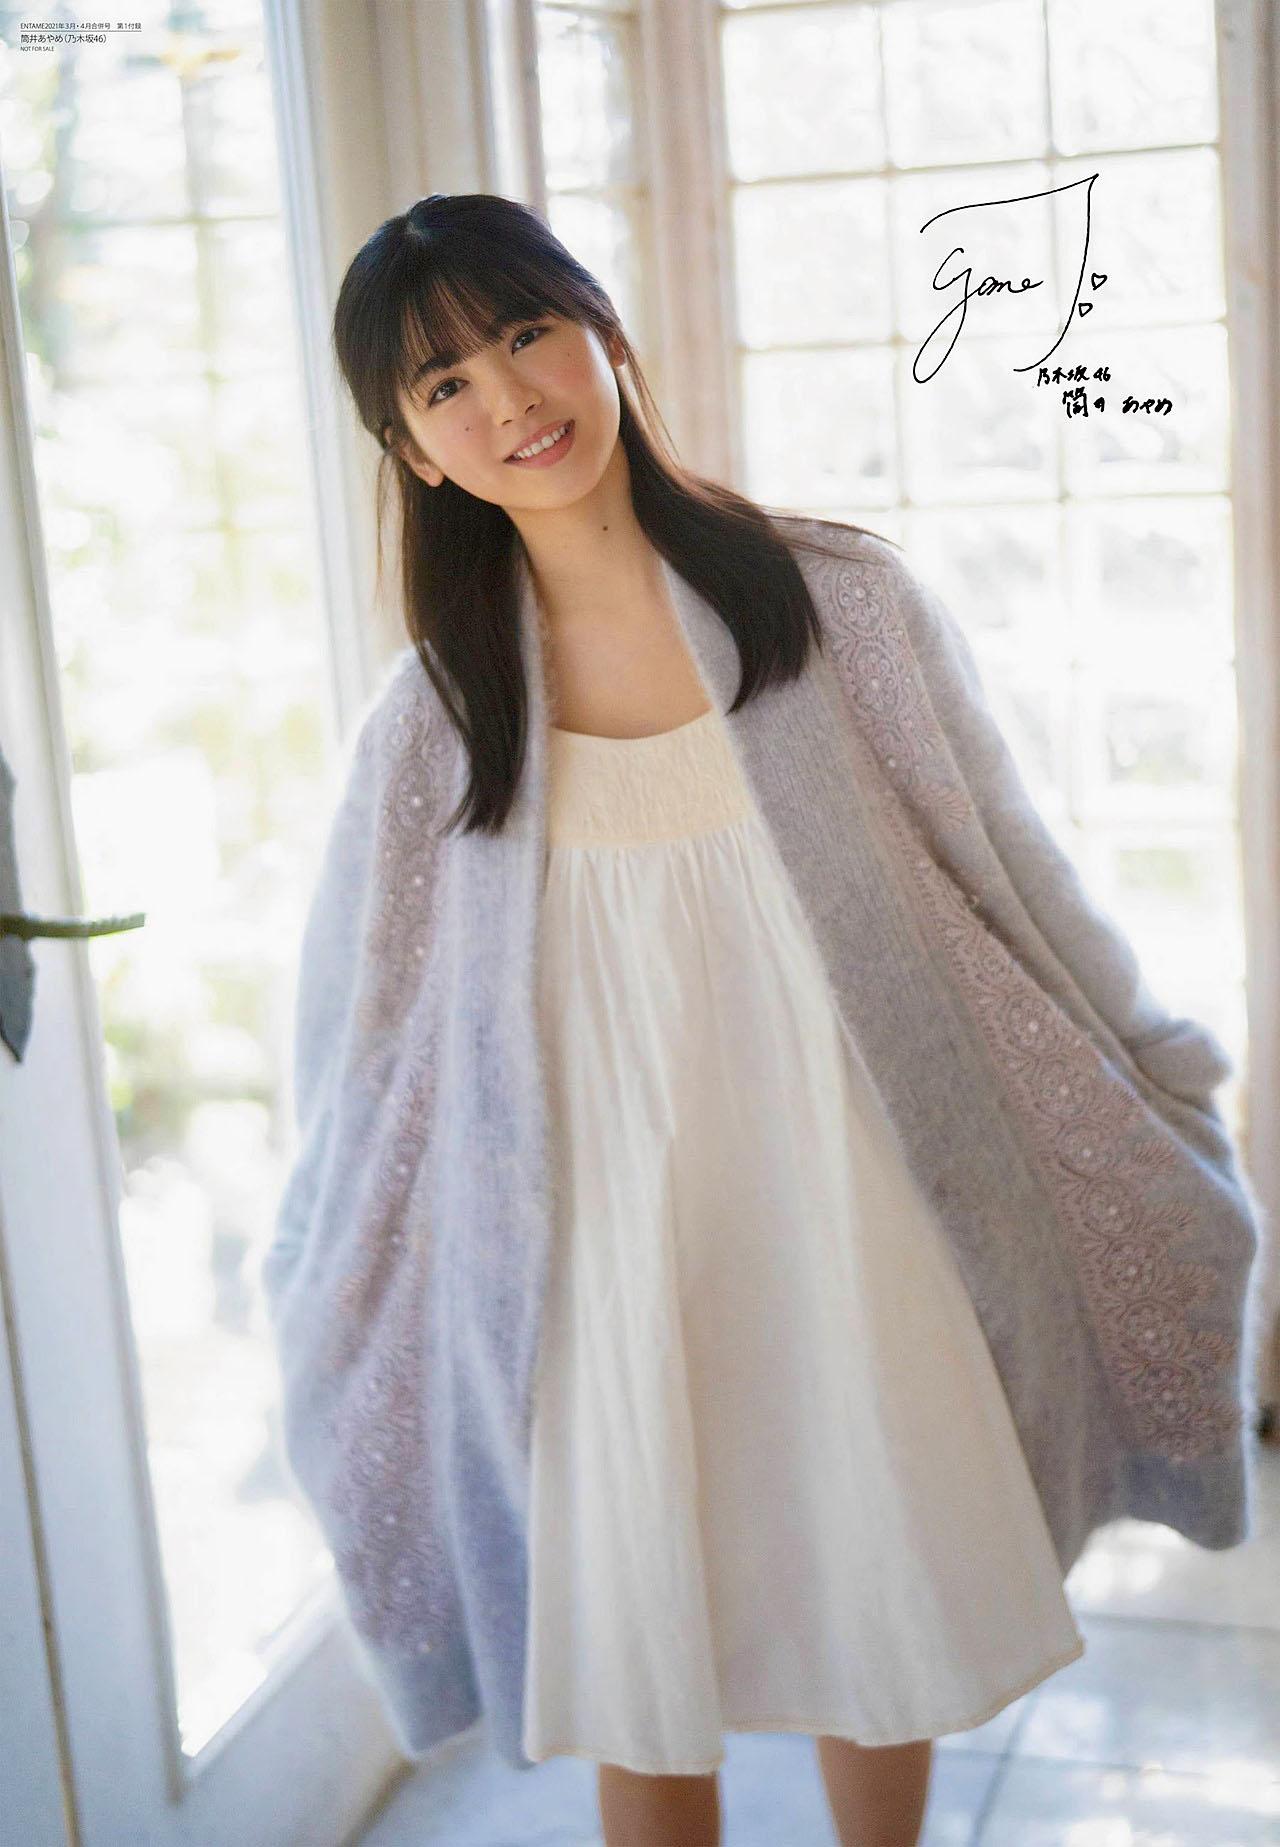 Ayame Tsutsui N46 EnTame 2103 12.jpg